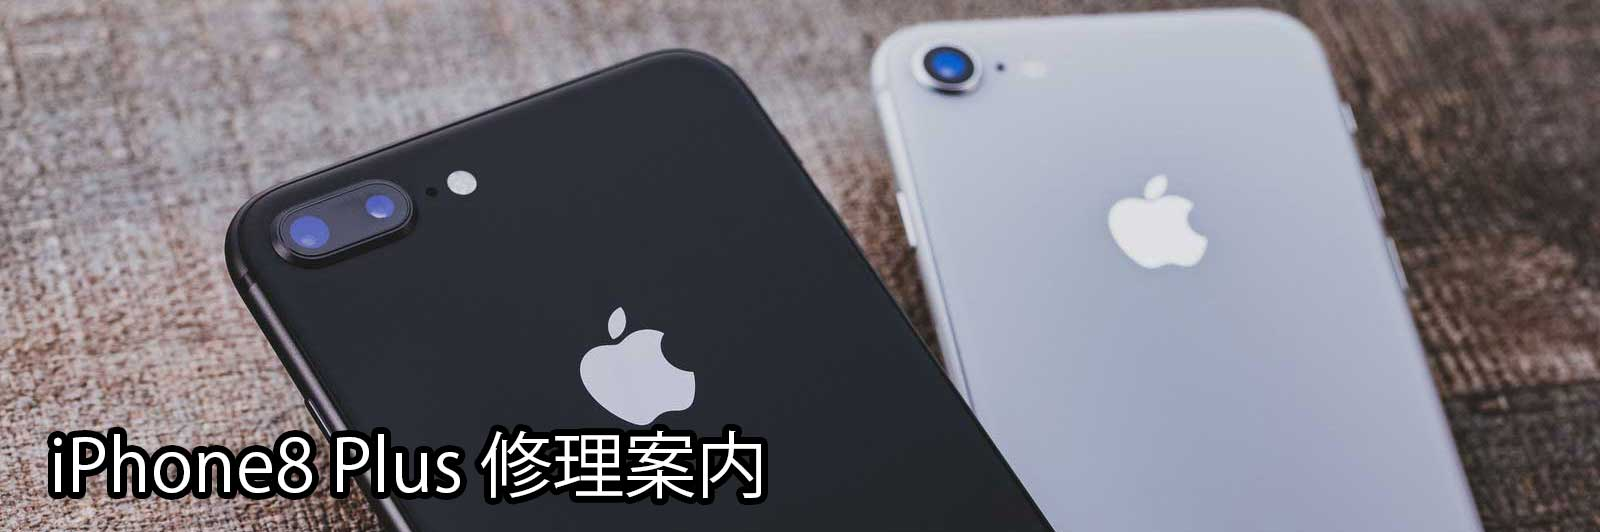 iPhone8+修理案内